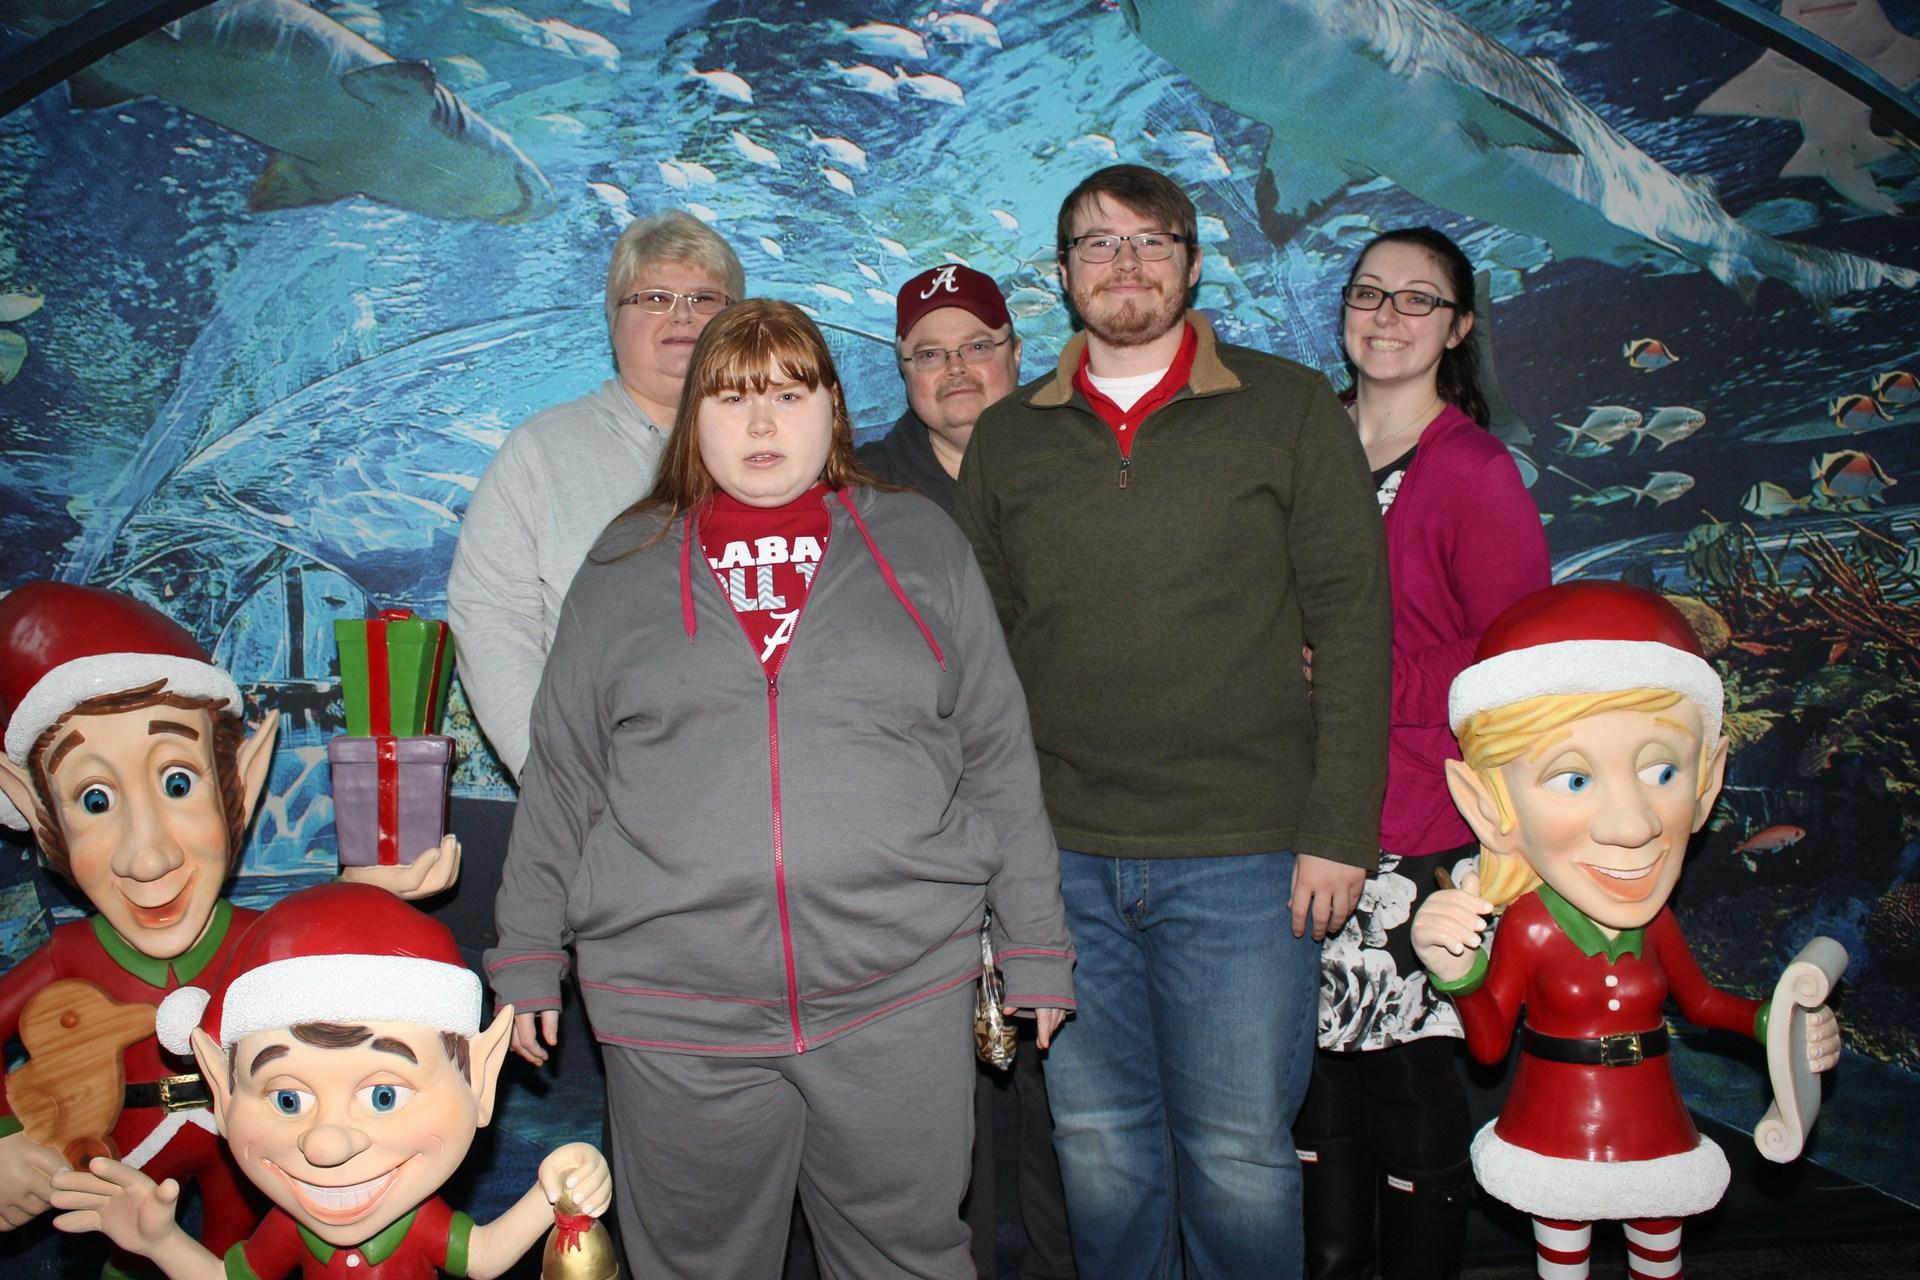 Kathy, Heather, Donald, Timothy, Sarah